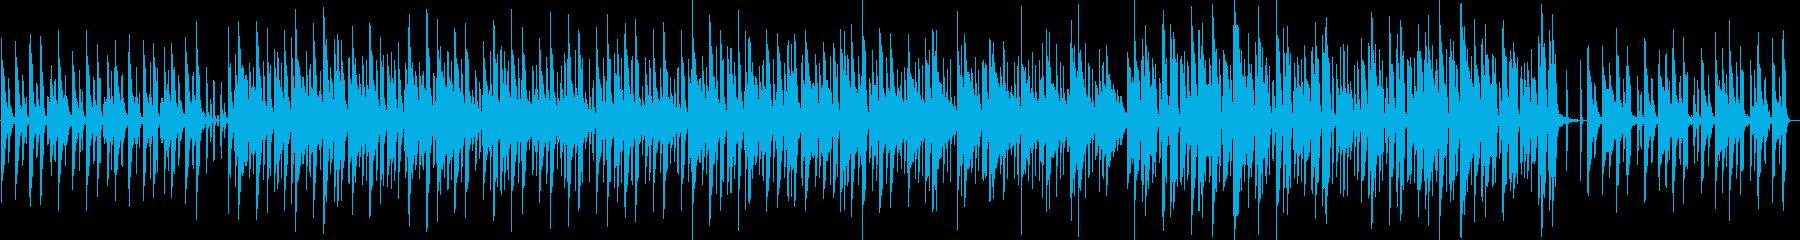 楽しそうな場面のかわいい曲の再生済みの波形